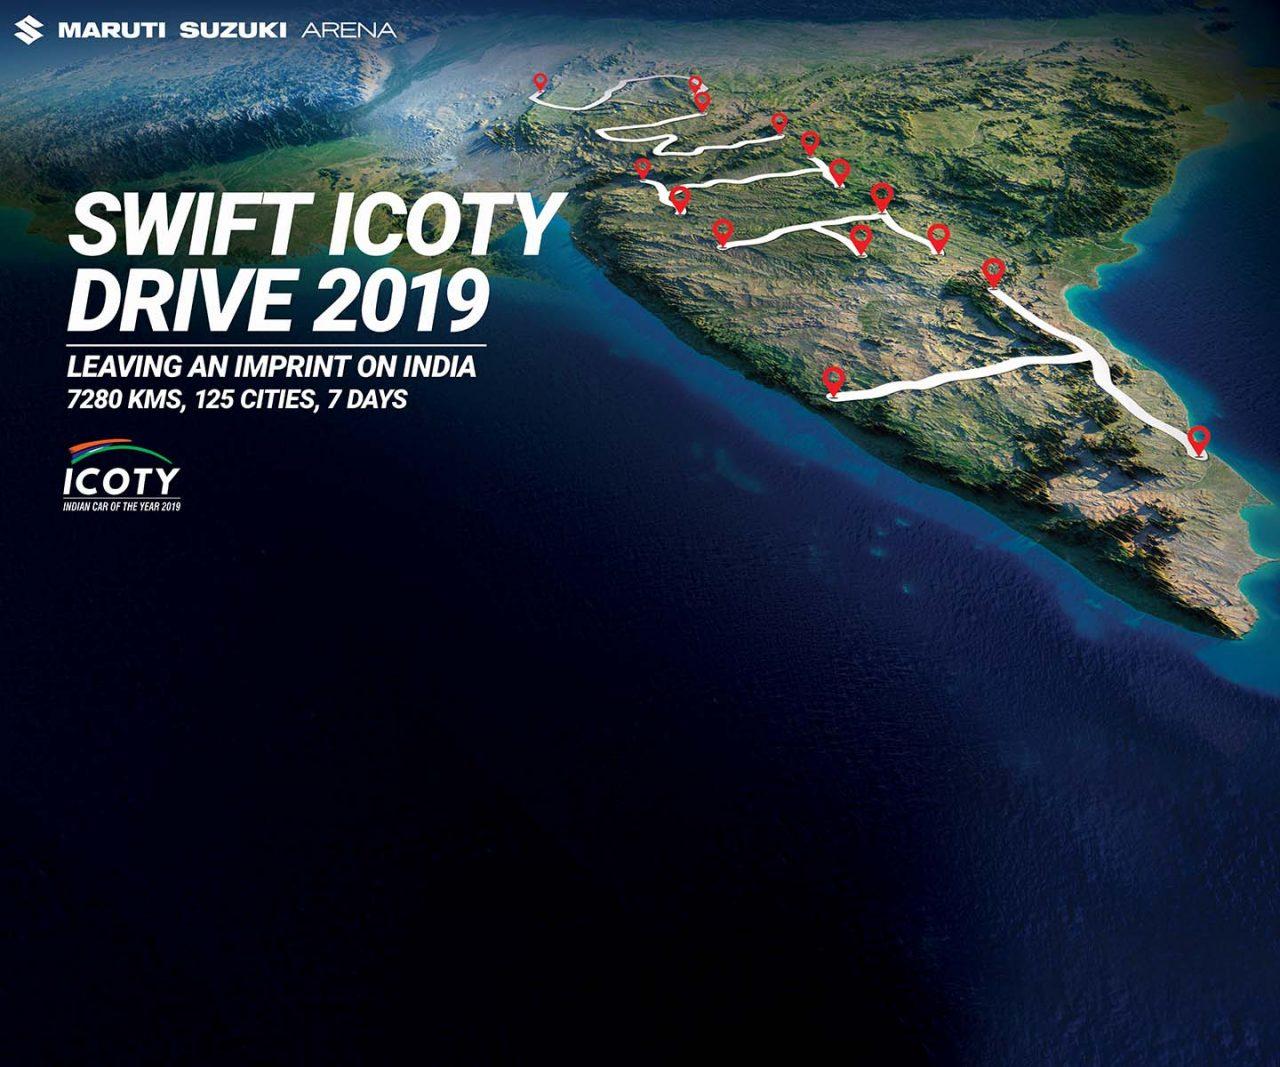 Swift ICOTY Drive 2019